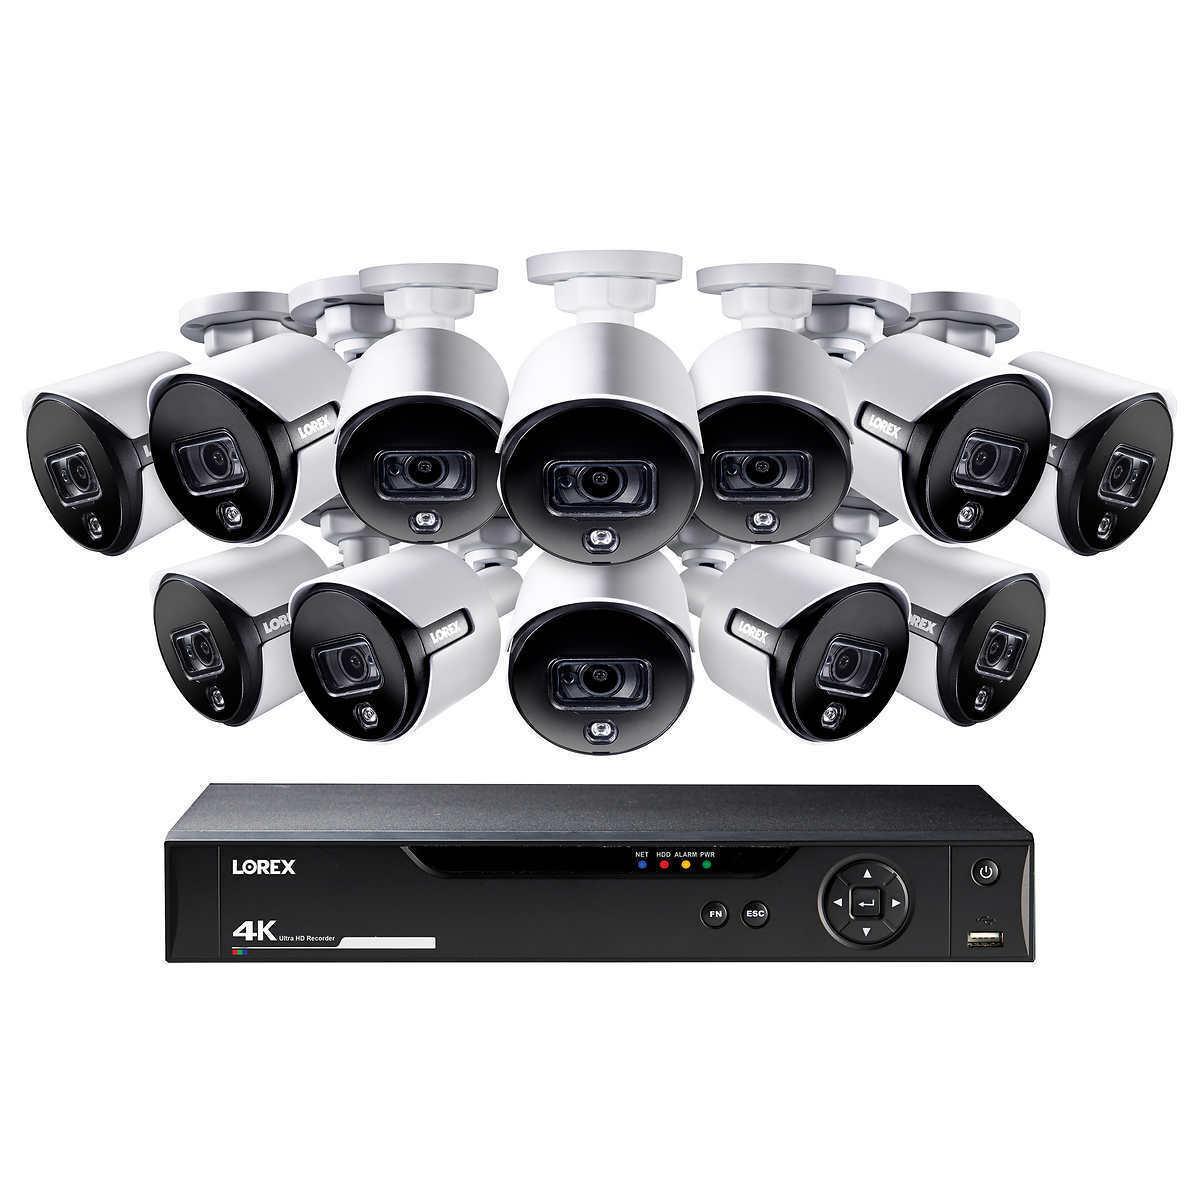 Lorex 16 Channel 4K UHD DVR Surveillance System 3TB HDD 12 4